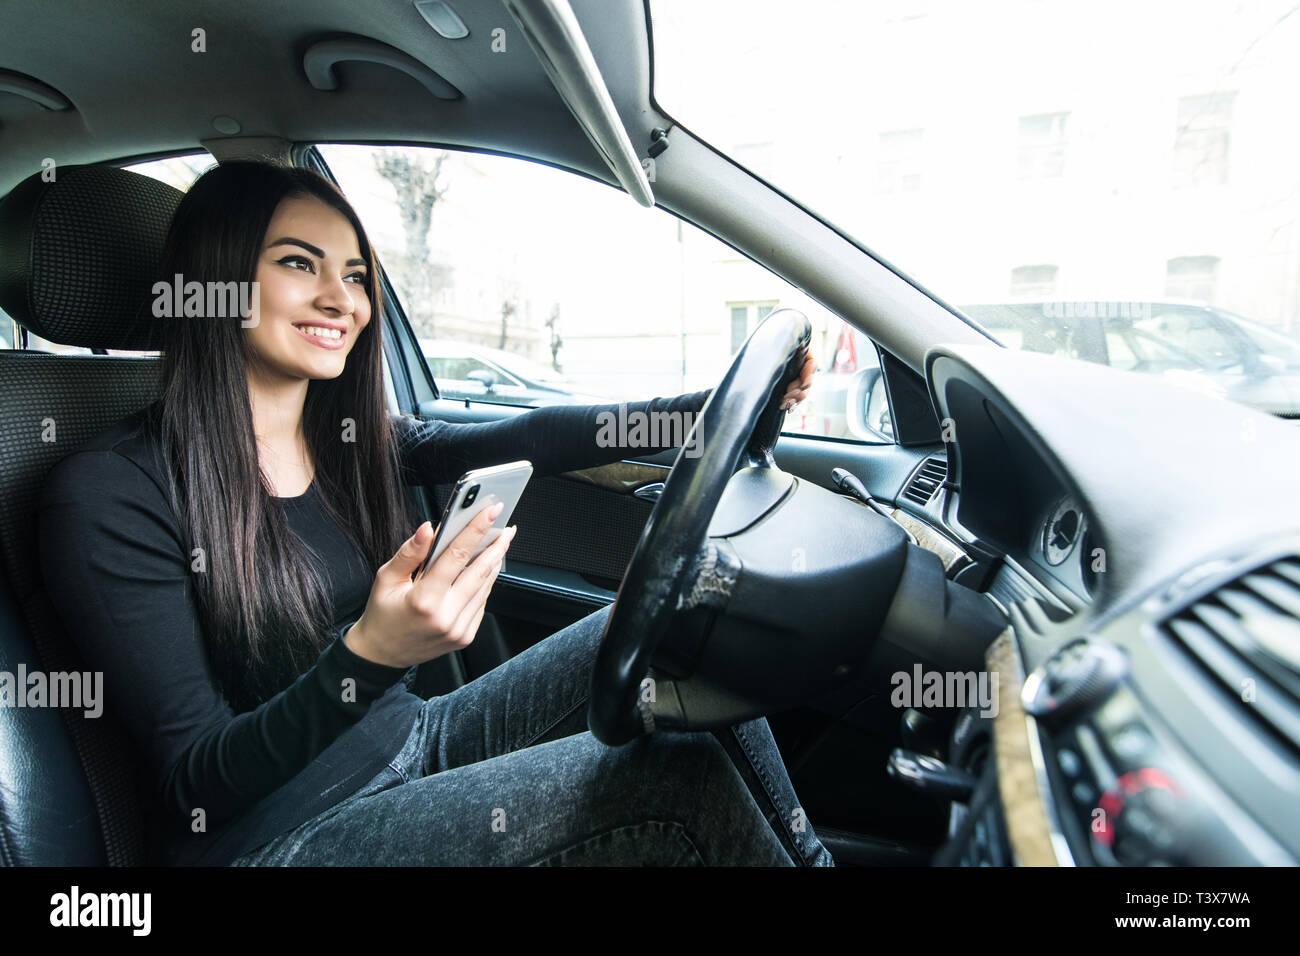 Business Frau im Auto sitzen und über Ihr Smartphone. Mockup Bild mit weiblichen Fahrer- und Verbindungsmenü Stockfoto